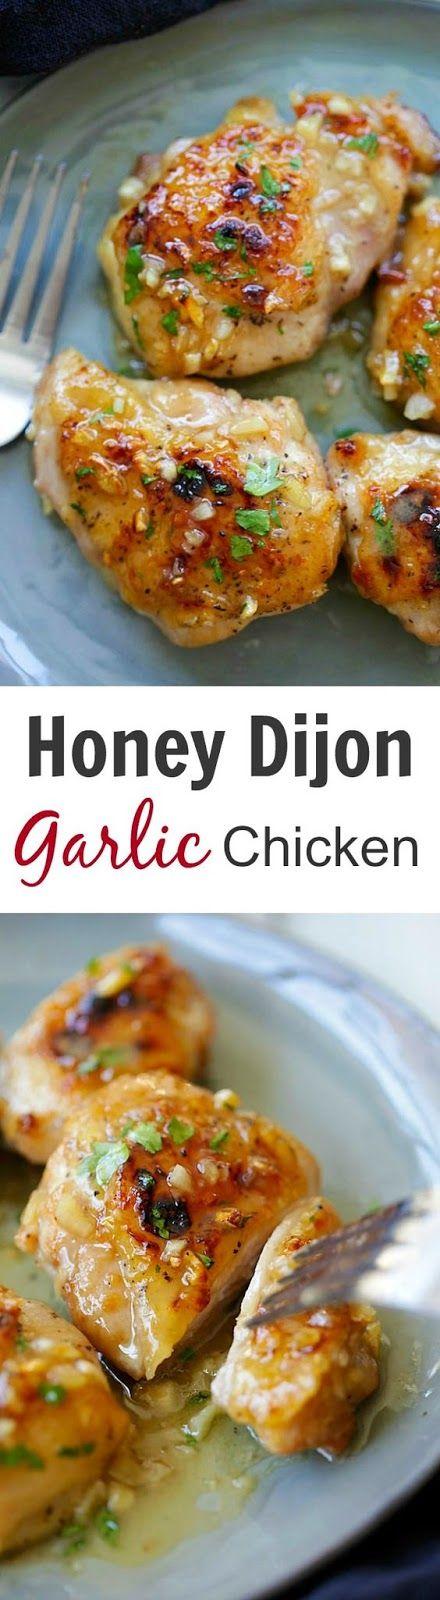 Honey dijon garlic chicken thai food recipe pinterest garlic honey dijon garlic chicken thai food recipe pinterest garlic chicken garlic and honey forumfinder Choice Image